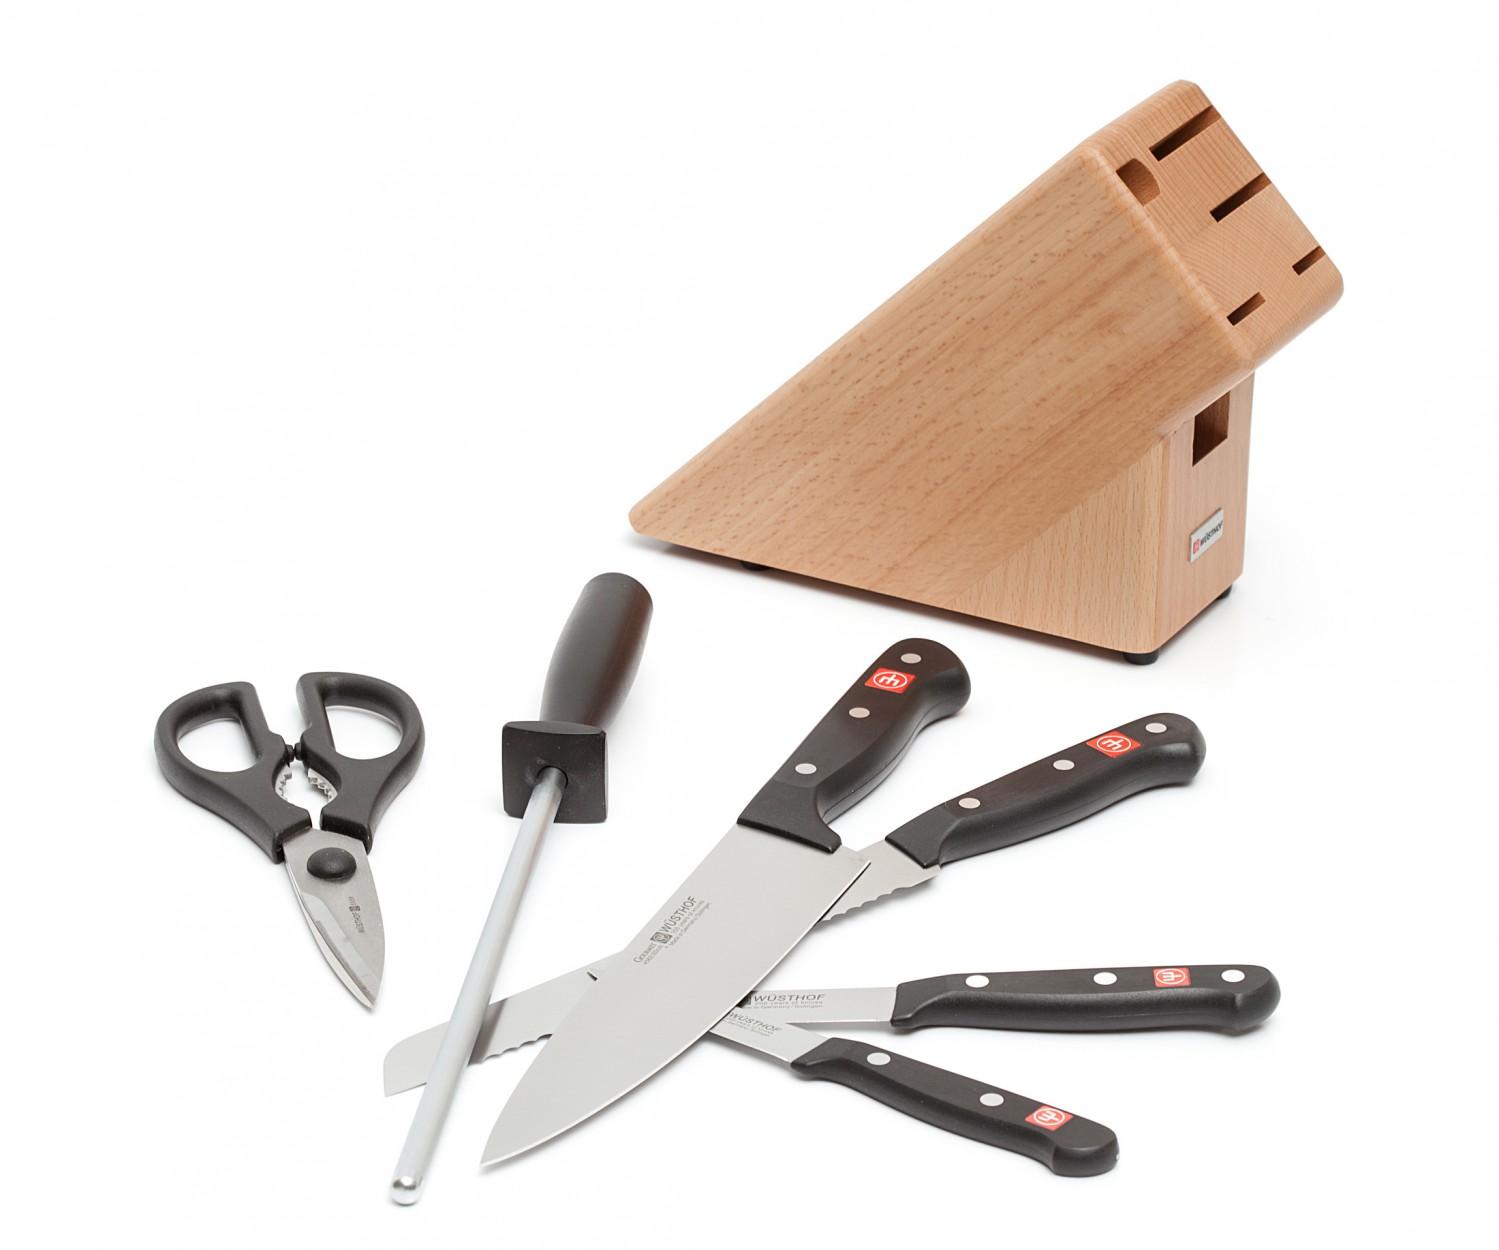 Блок с ножами Wuesthof Gourmet, бежевый, 7 предметов Wuesthof 9867-2 фото 1